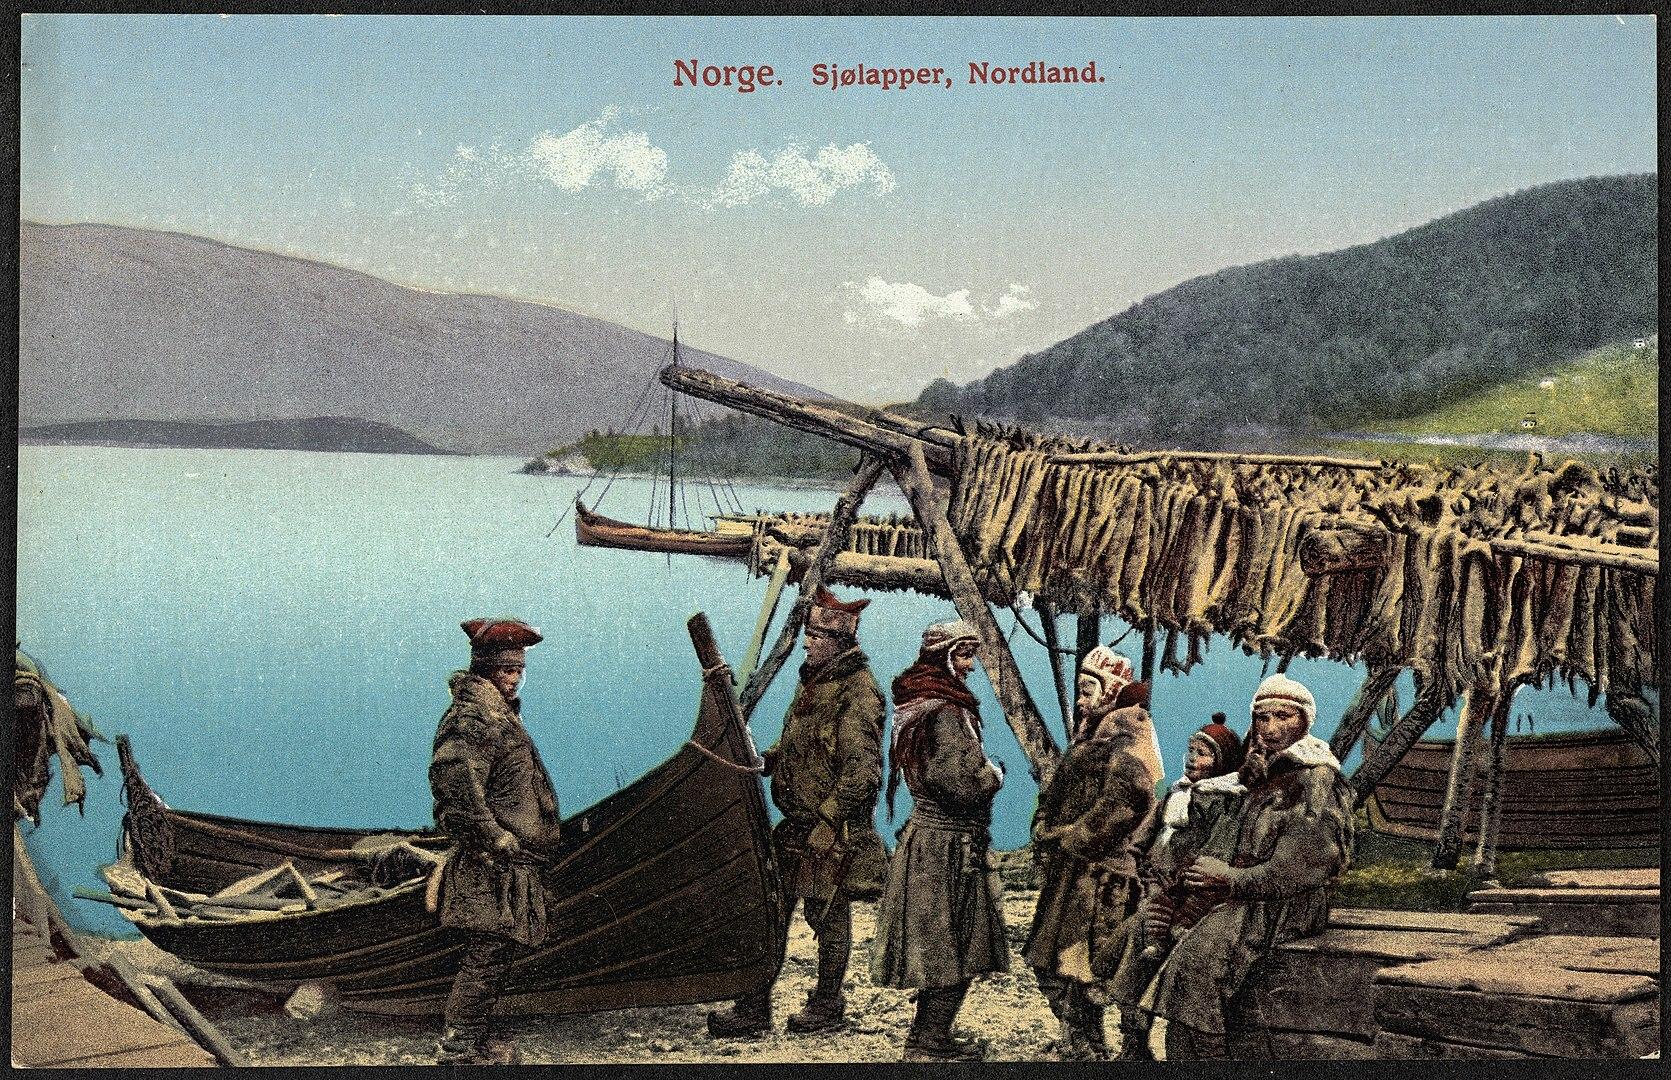 1671px-No._41._Norge._Sjølapper,_Nordland_(27381015343).jpg